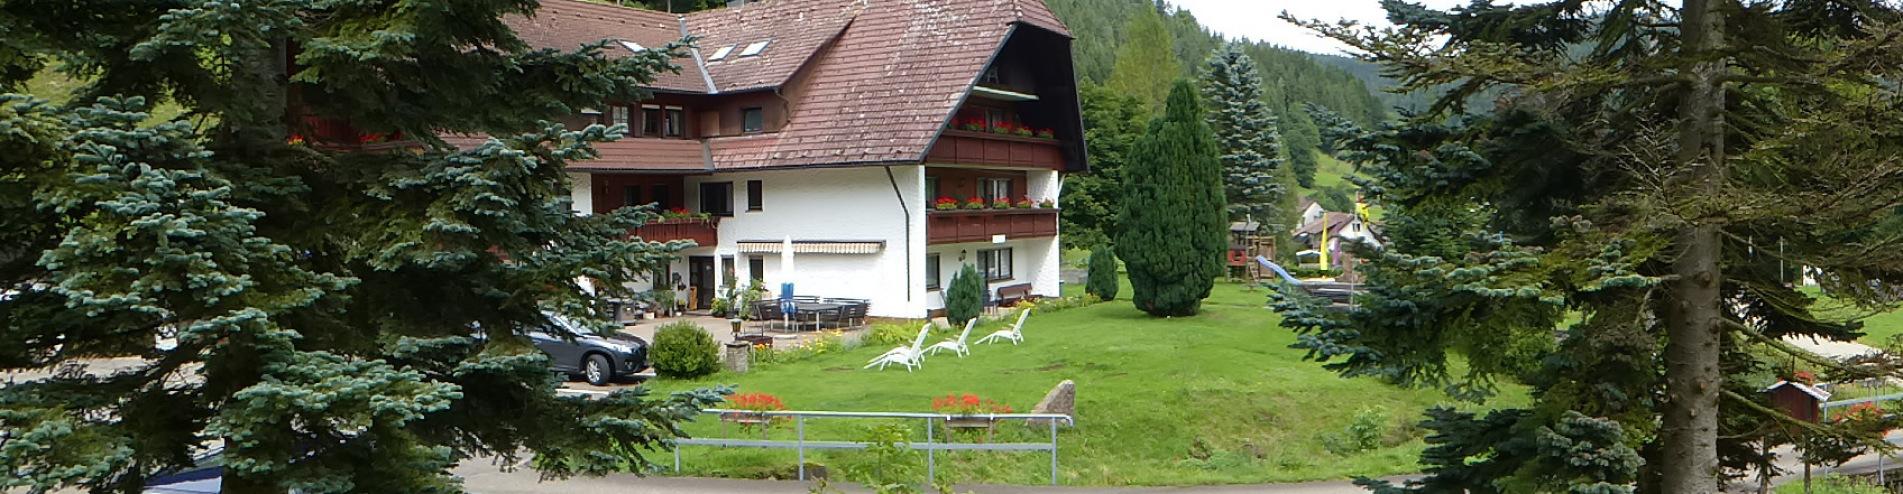 Gaestehaus Absbachtal